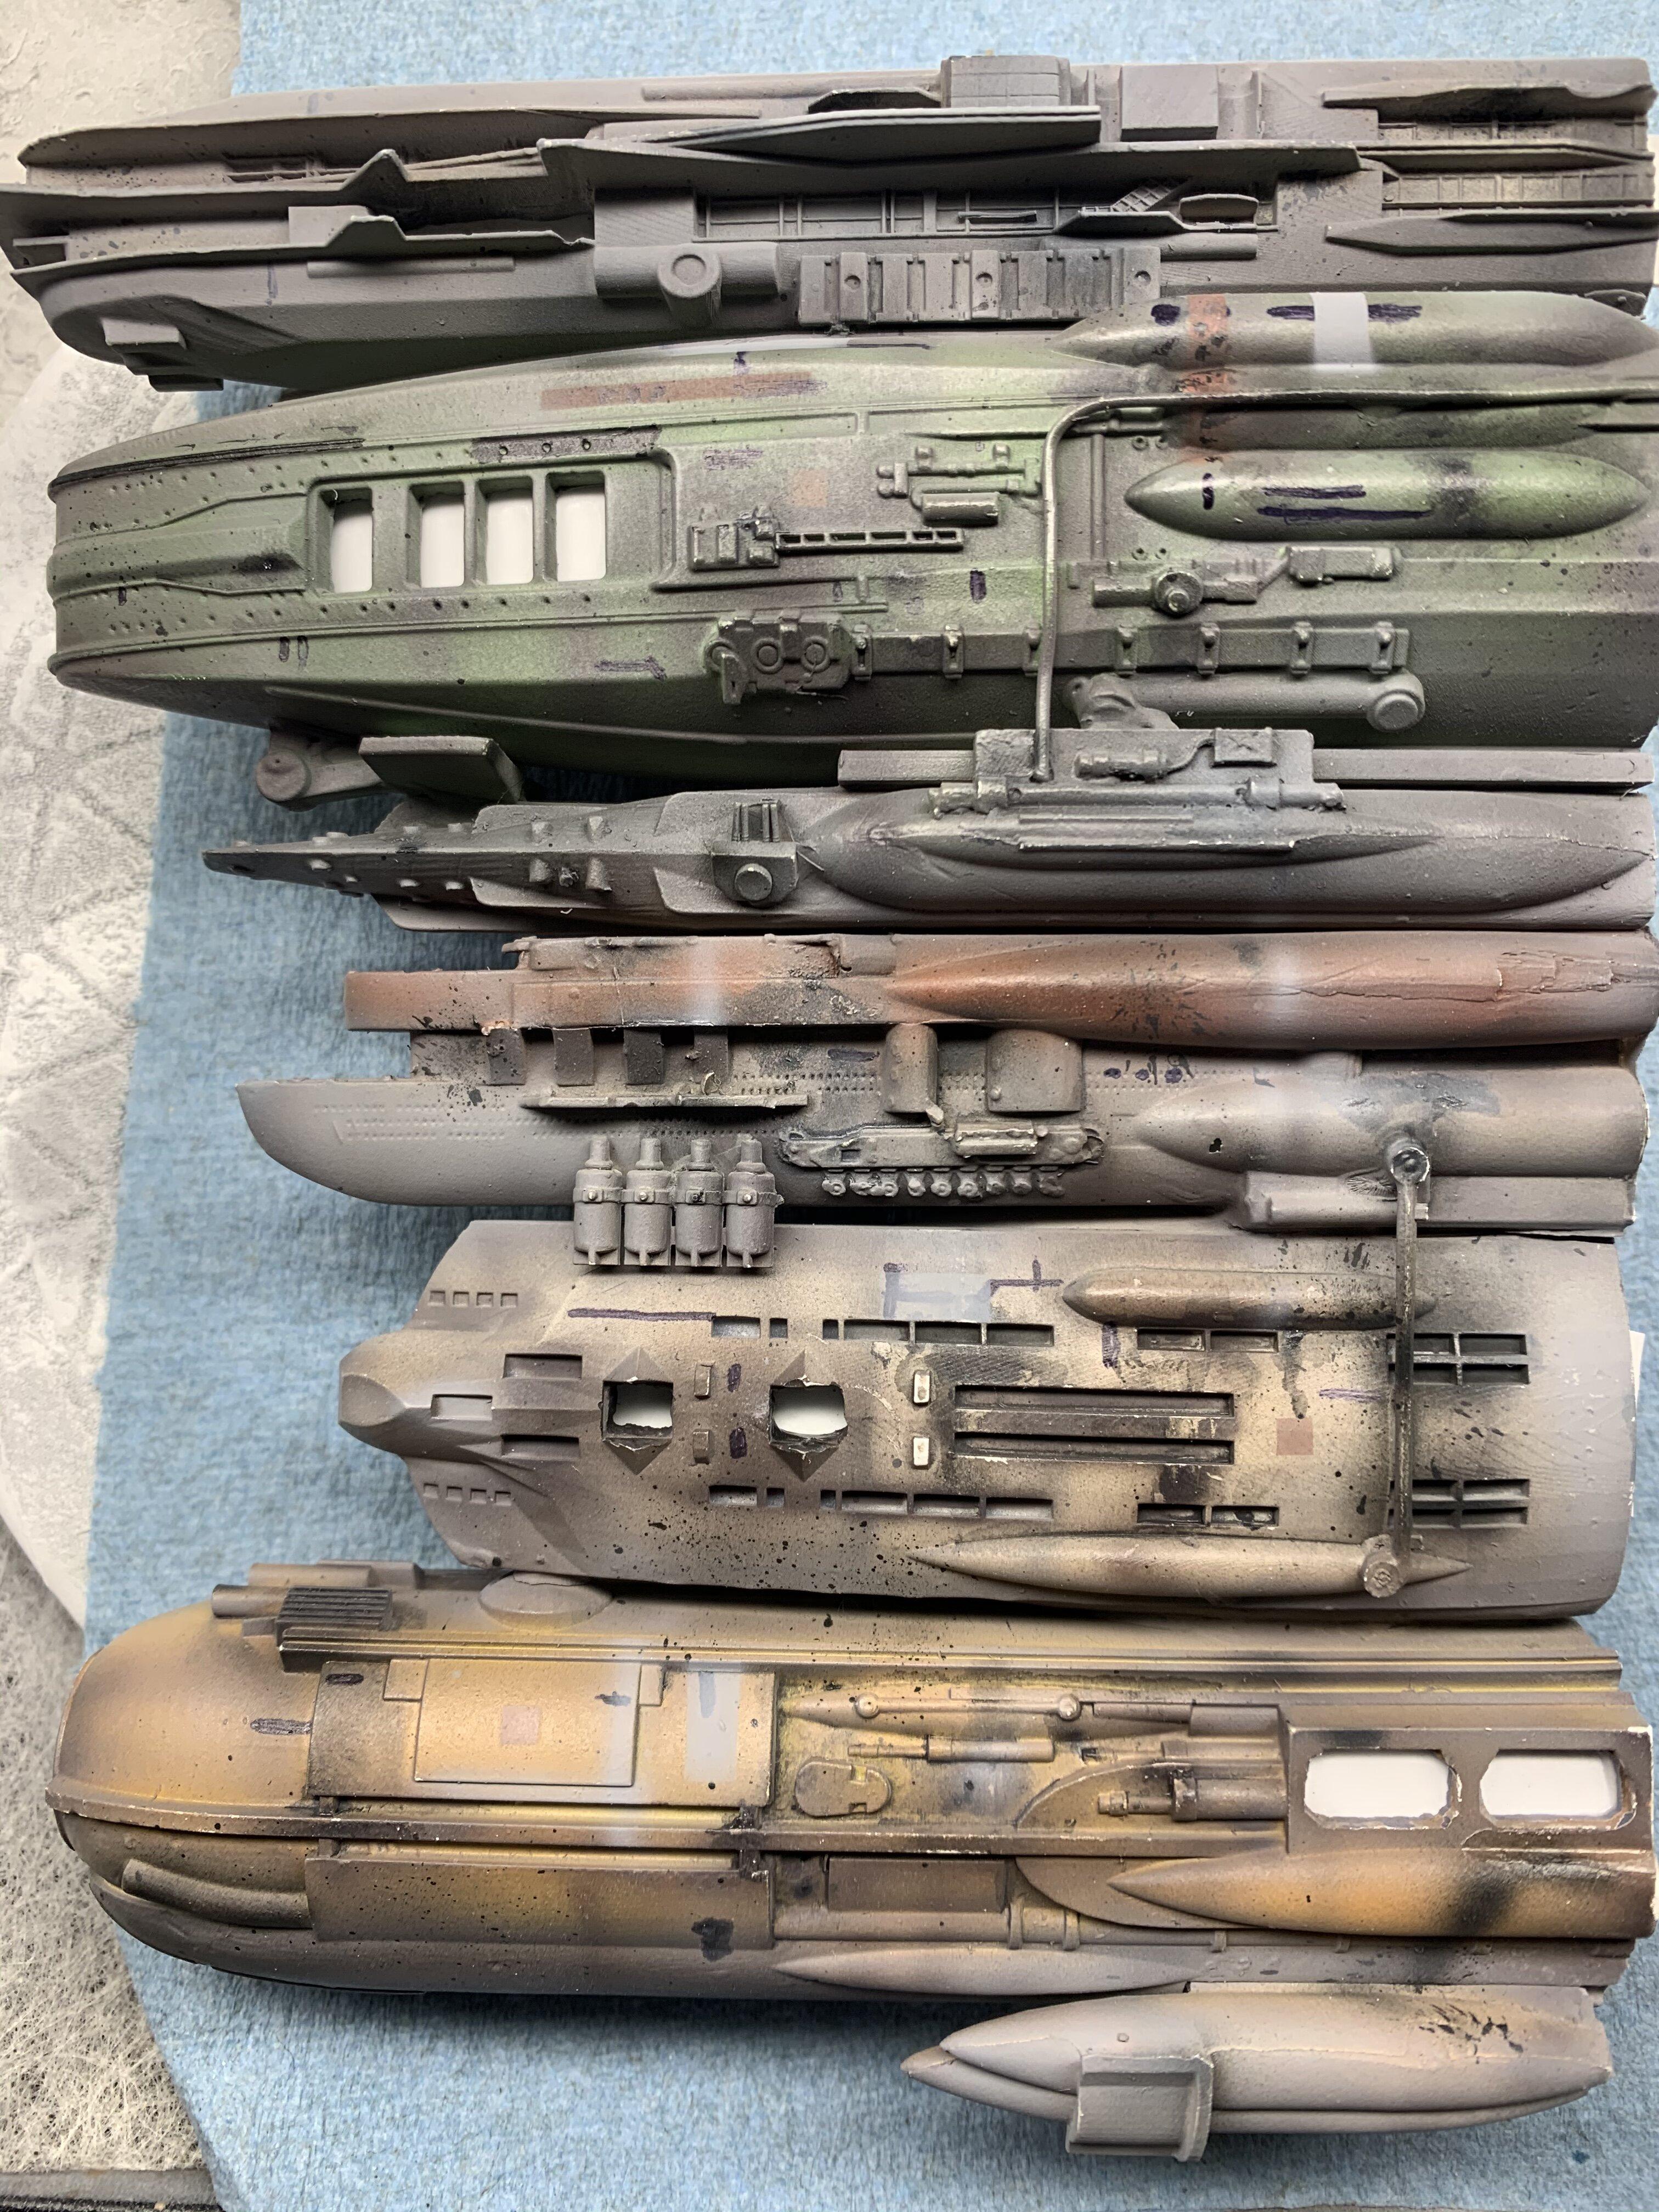 F0A45F2B-BE33-4E50-B887-86D61F43DD28.jpeg